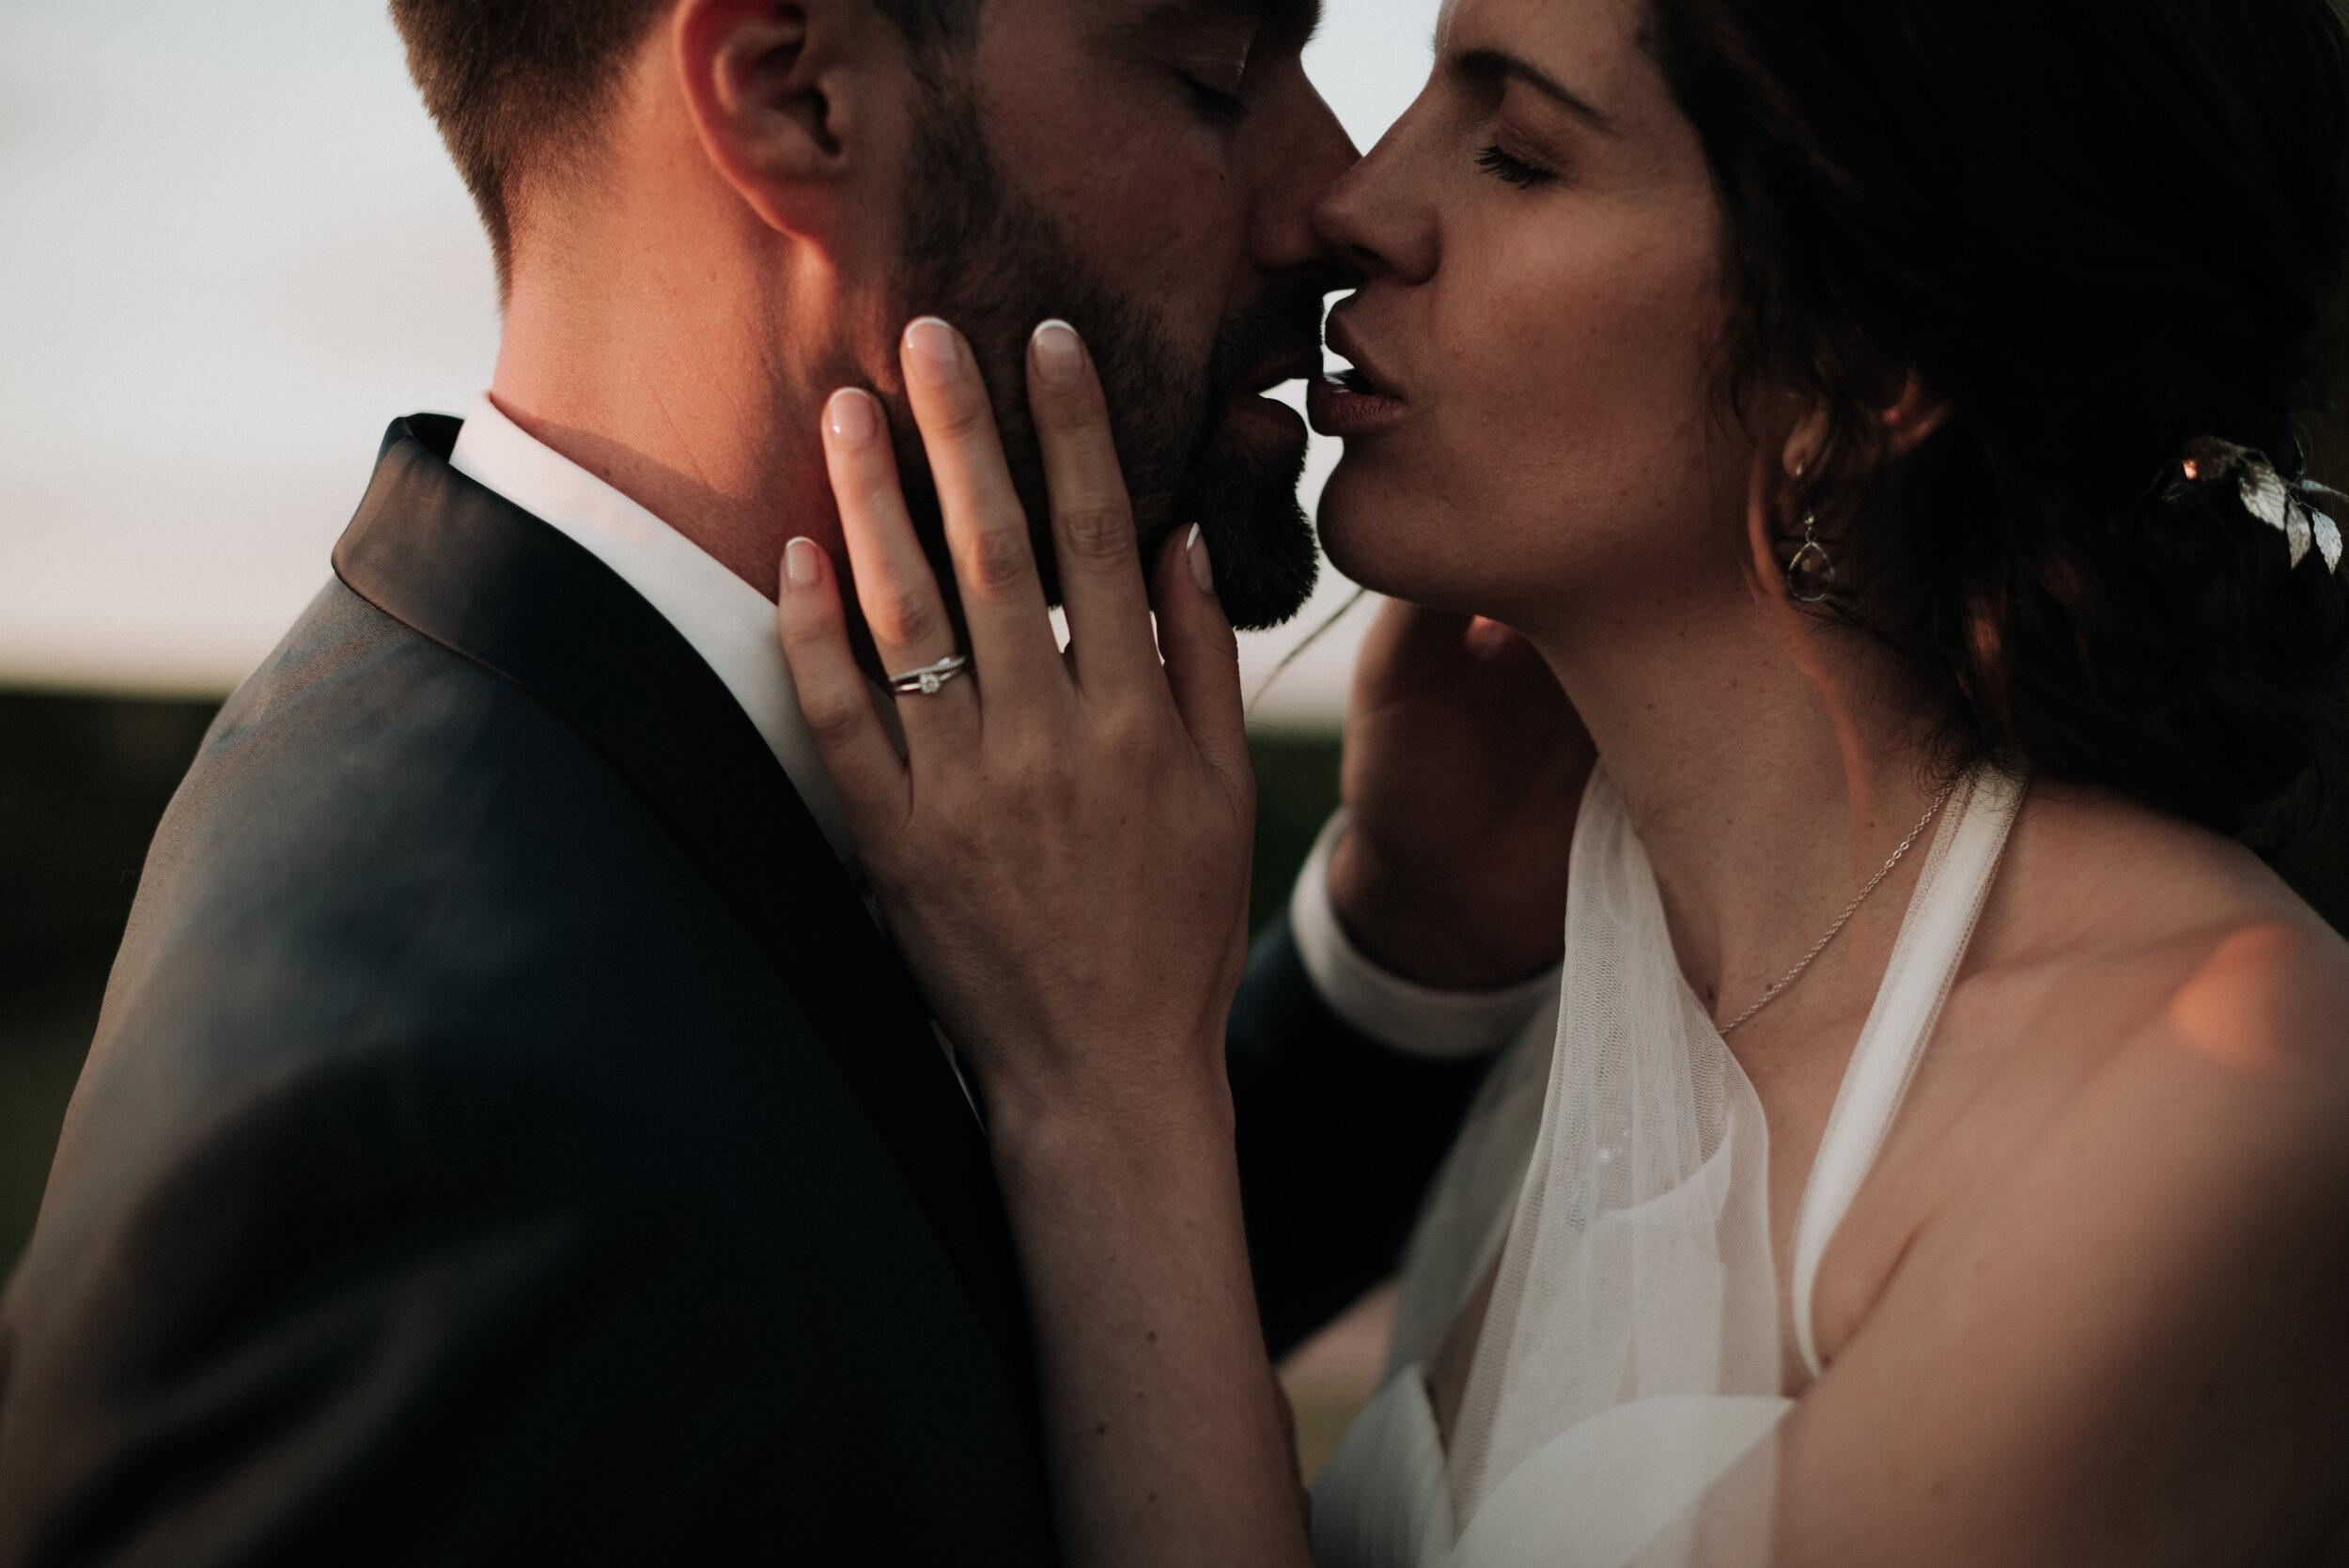 Léa-Fery-photographe-professionnel-lyon-rhone-alpes-portrait-creation-mariage-evenement-evenementiel-famille-9522.jpg